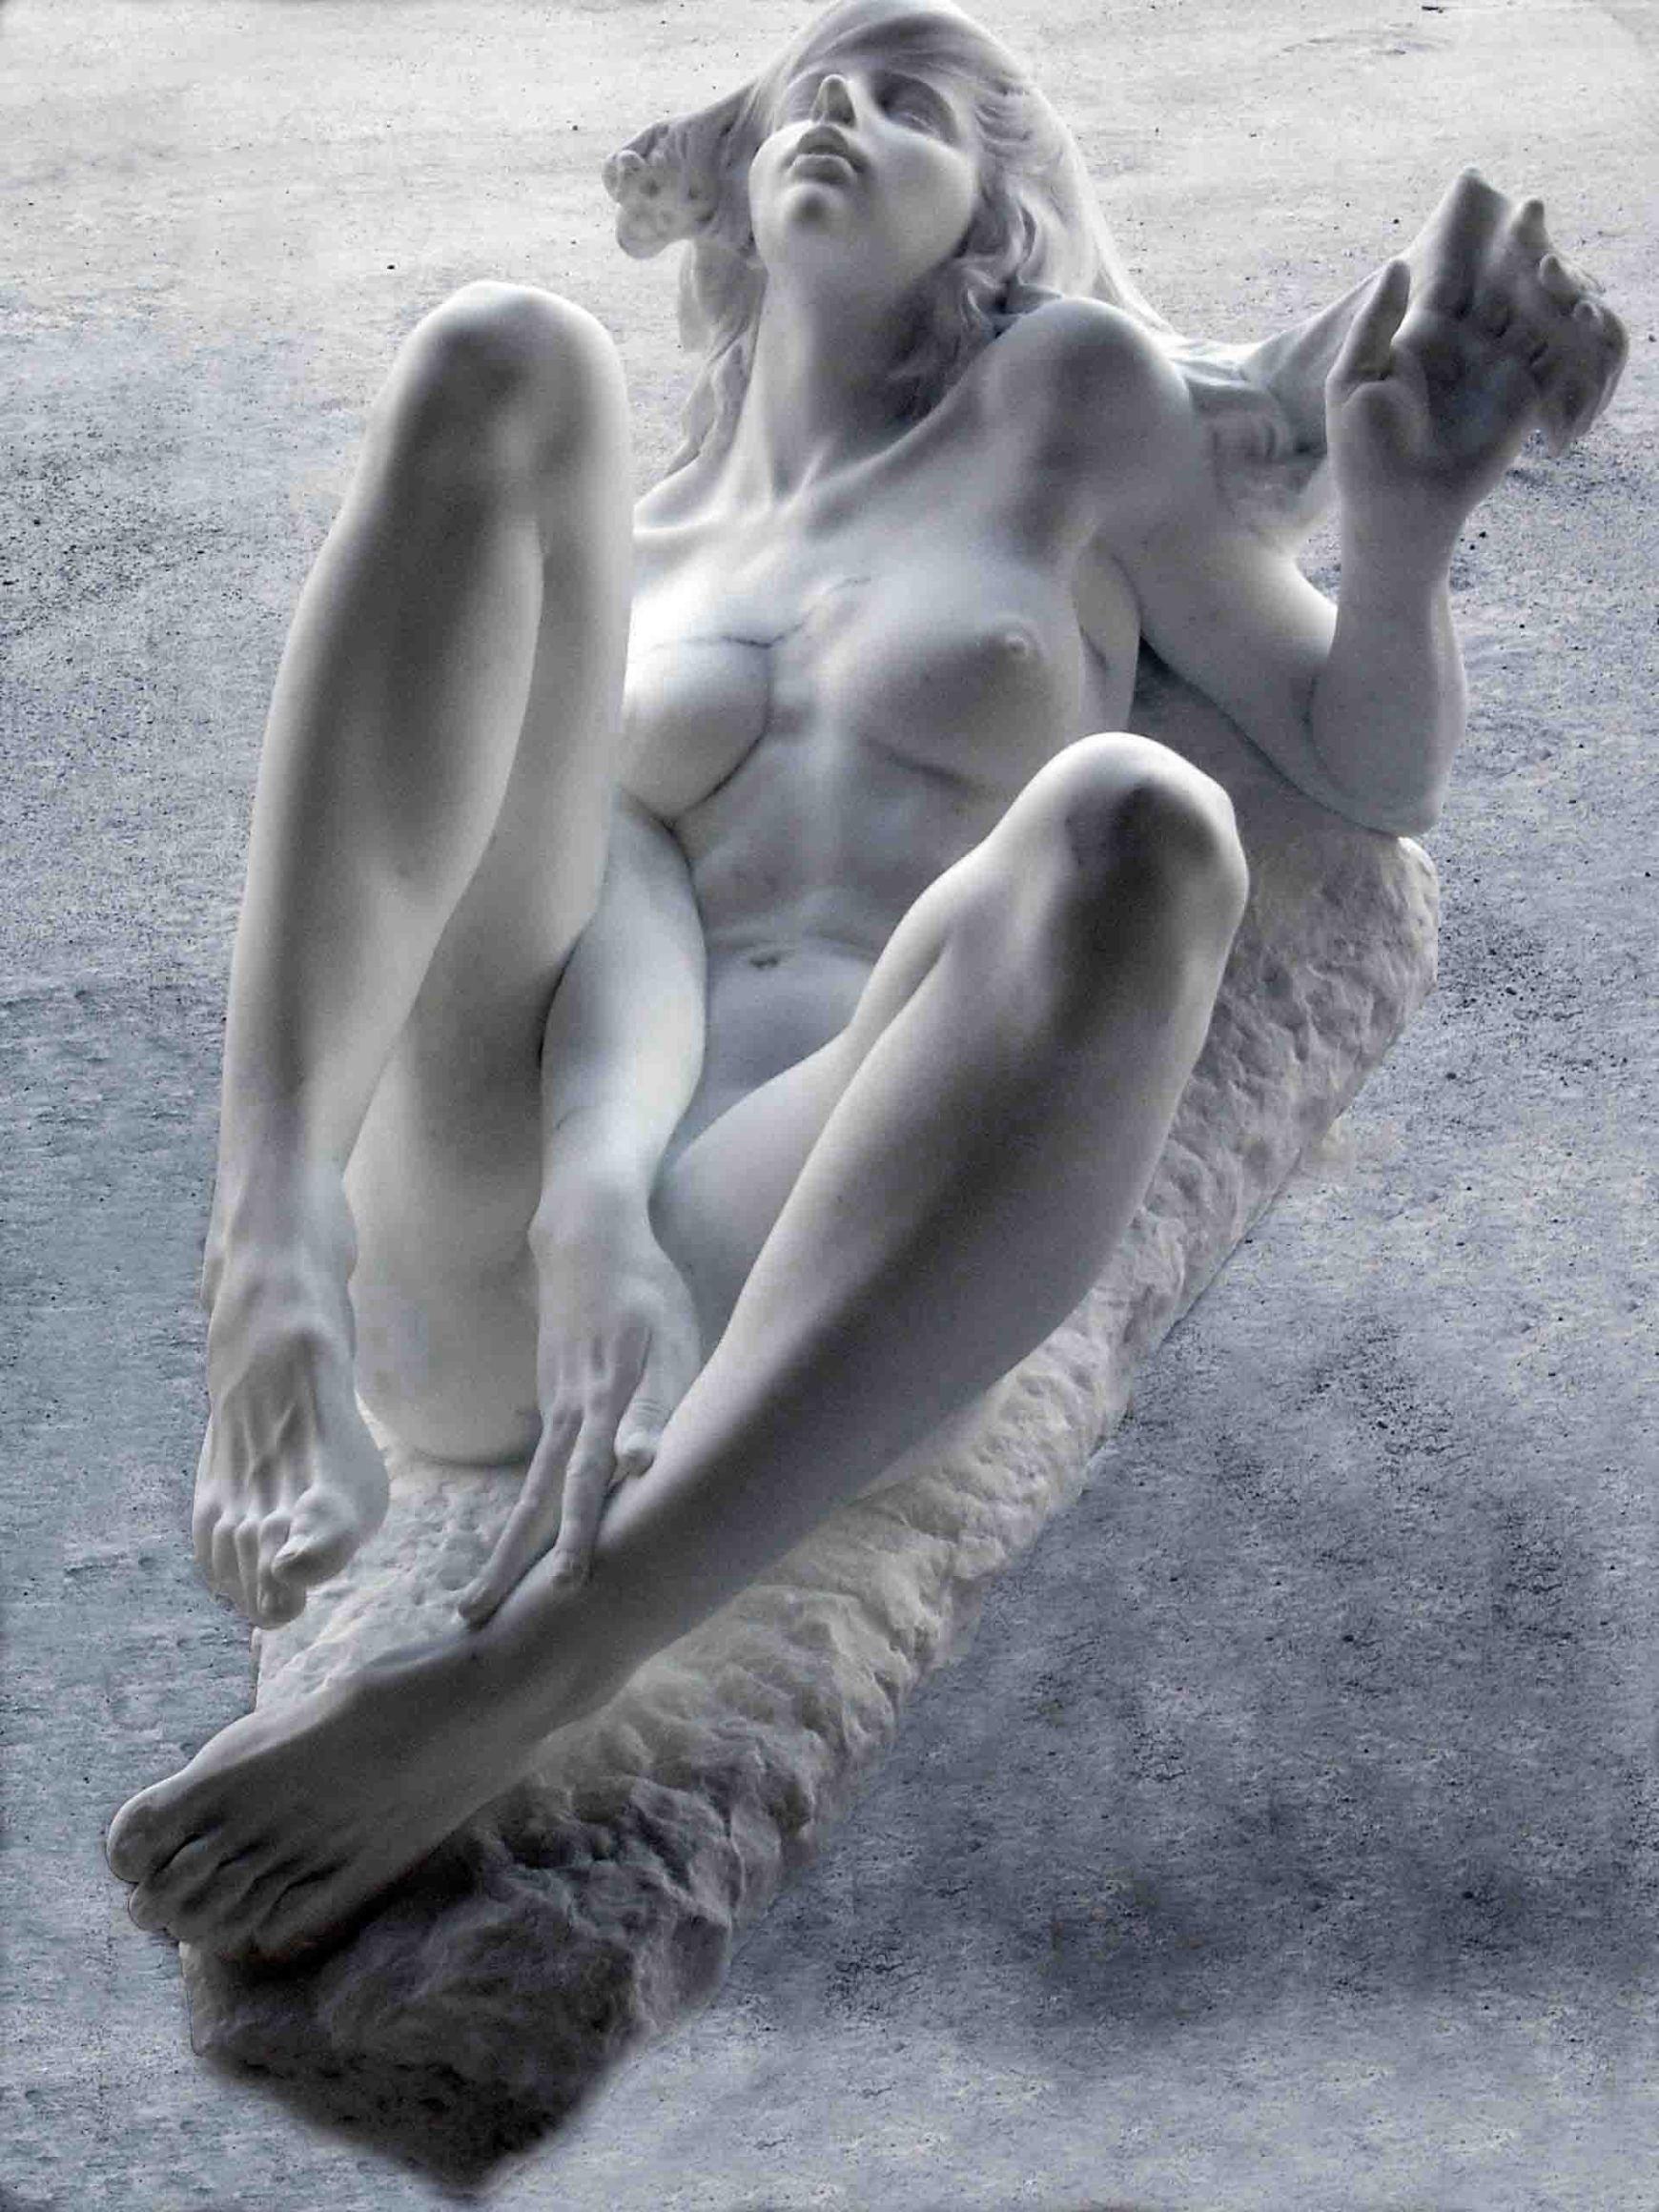 彫刻 銅像 エロス 芸術 作品 エロ画像【28】